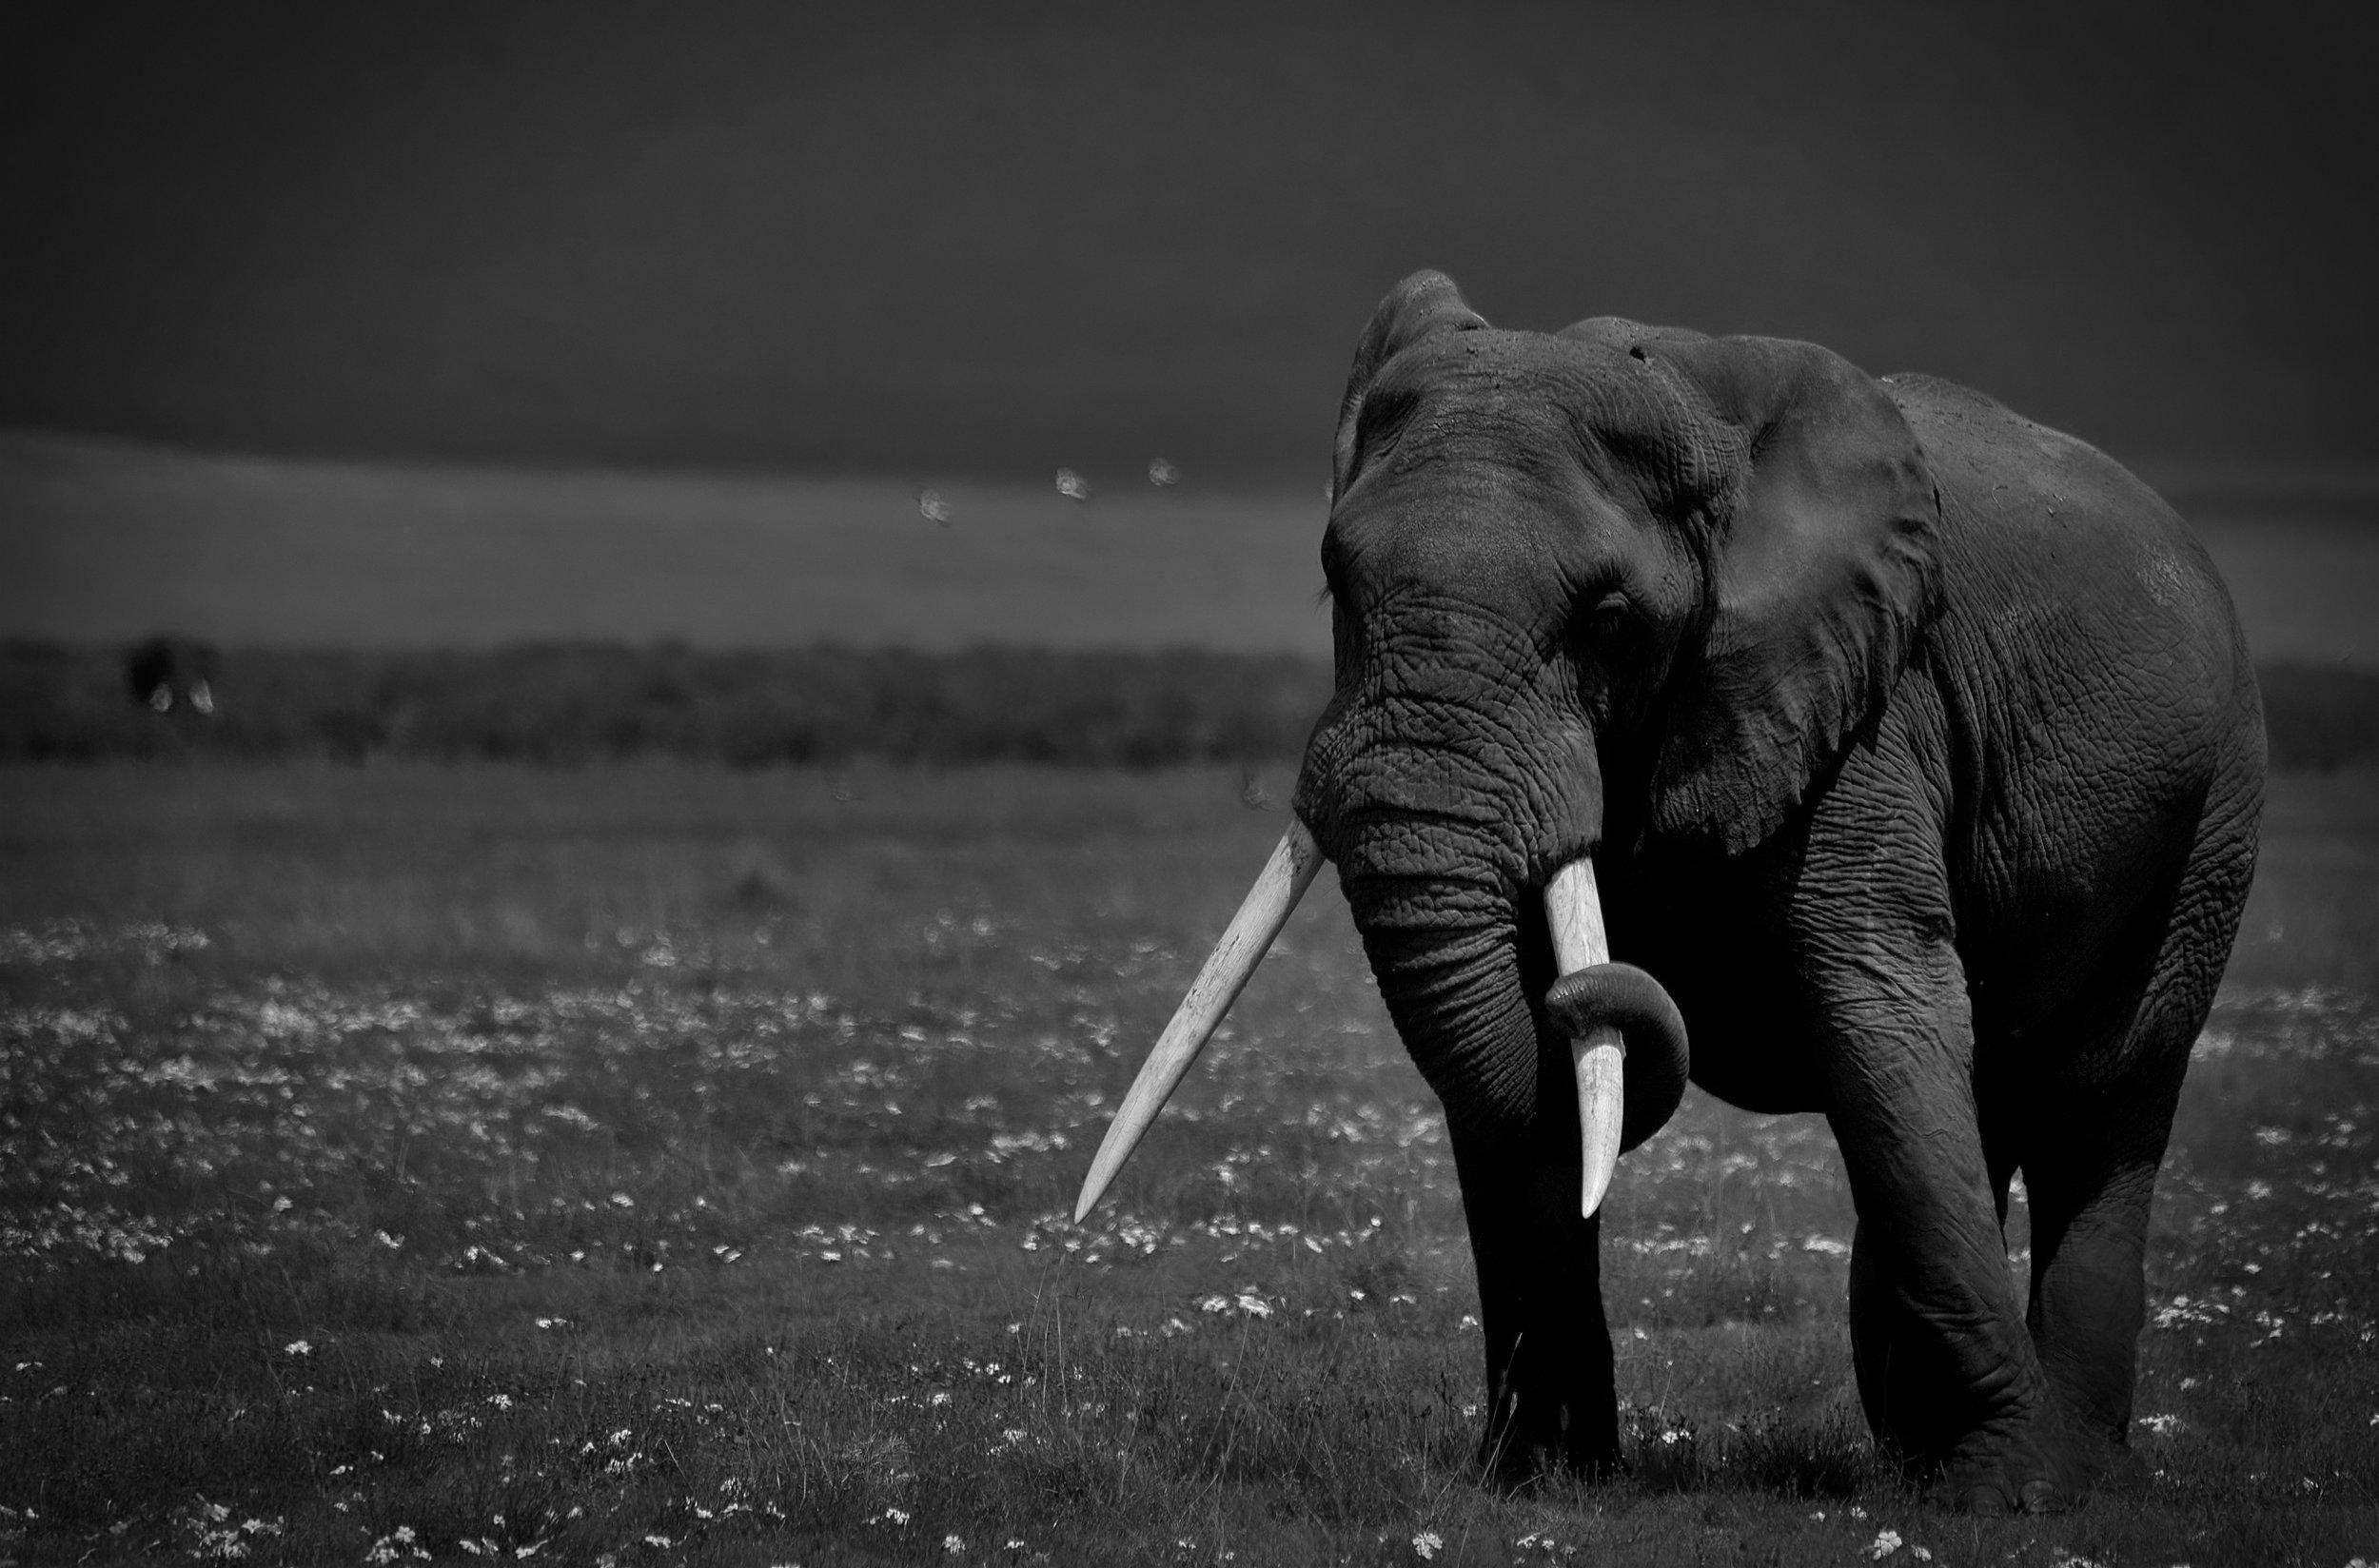 Elephant, Ngorongoro Crater, Tanzania.